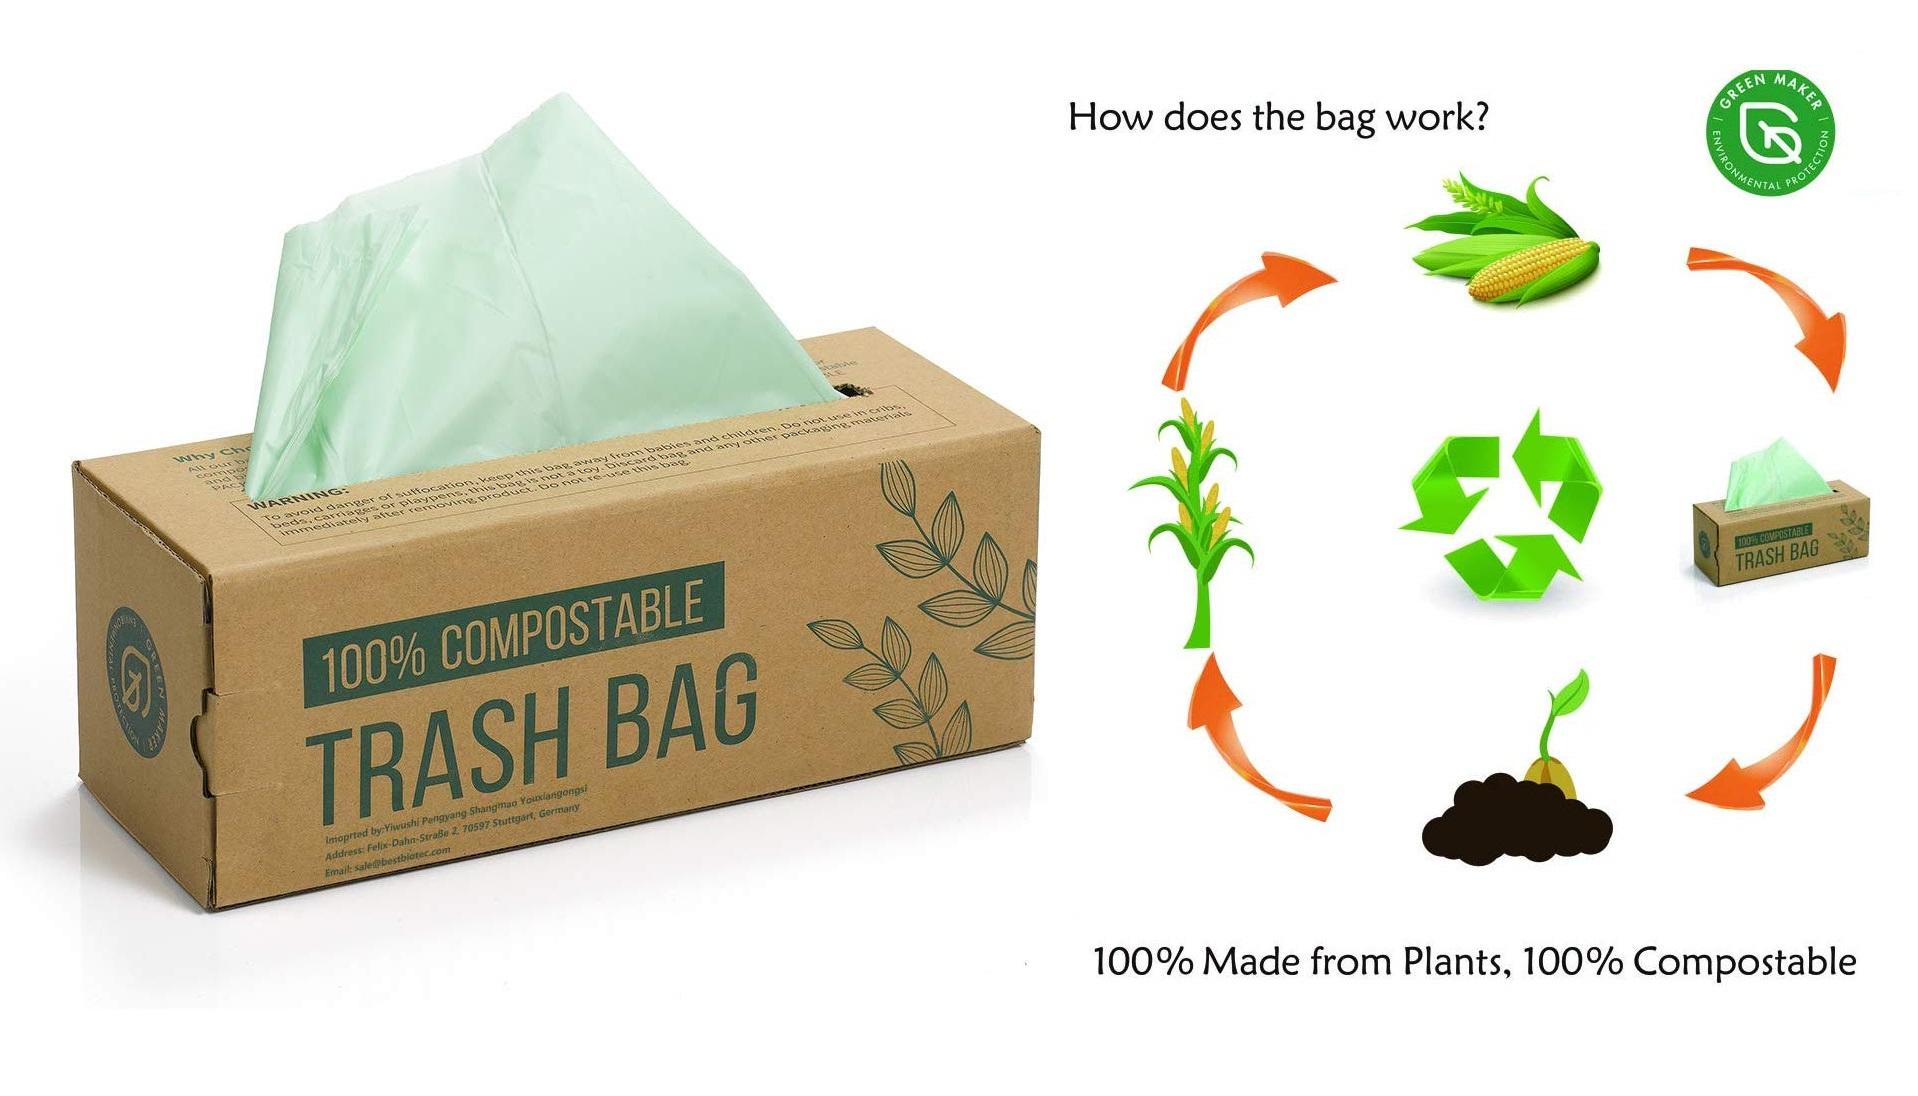 Ventajas y ofertas de bolsas 100% biodegradables y compostables, a base de almidón de maíz.